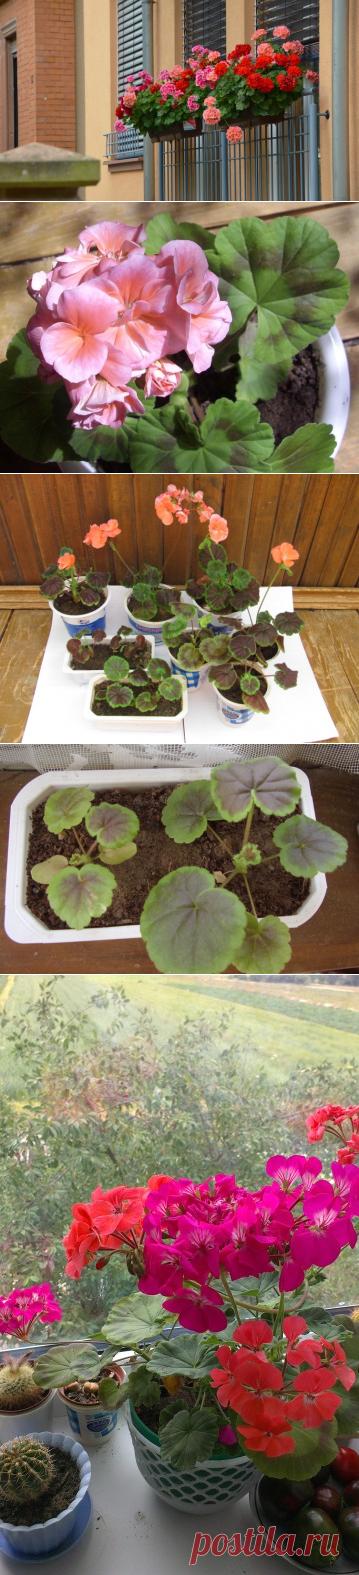 Как вырастить пеларгонию из семян? | Растения